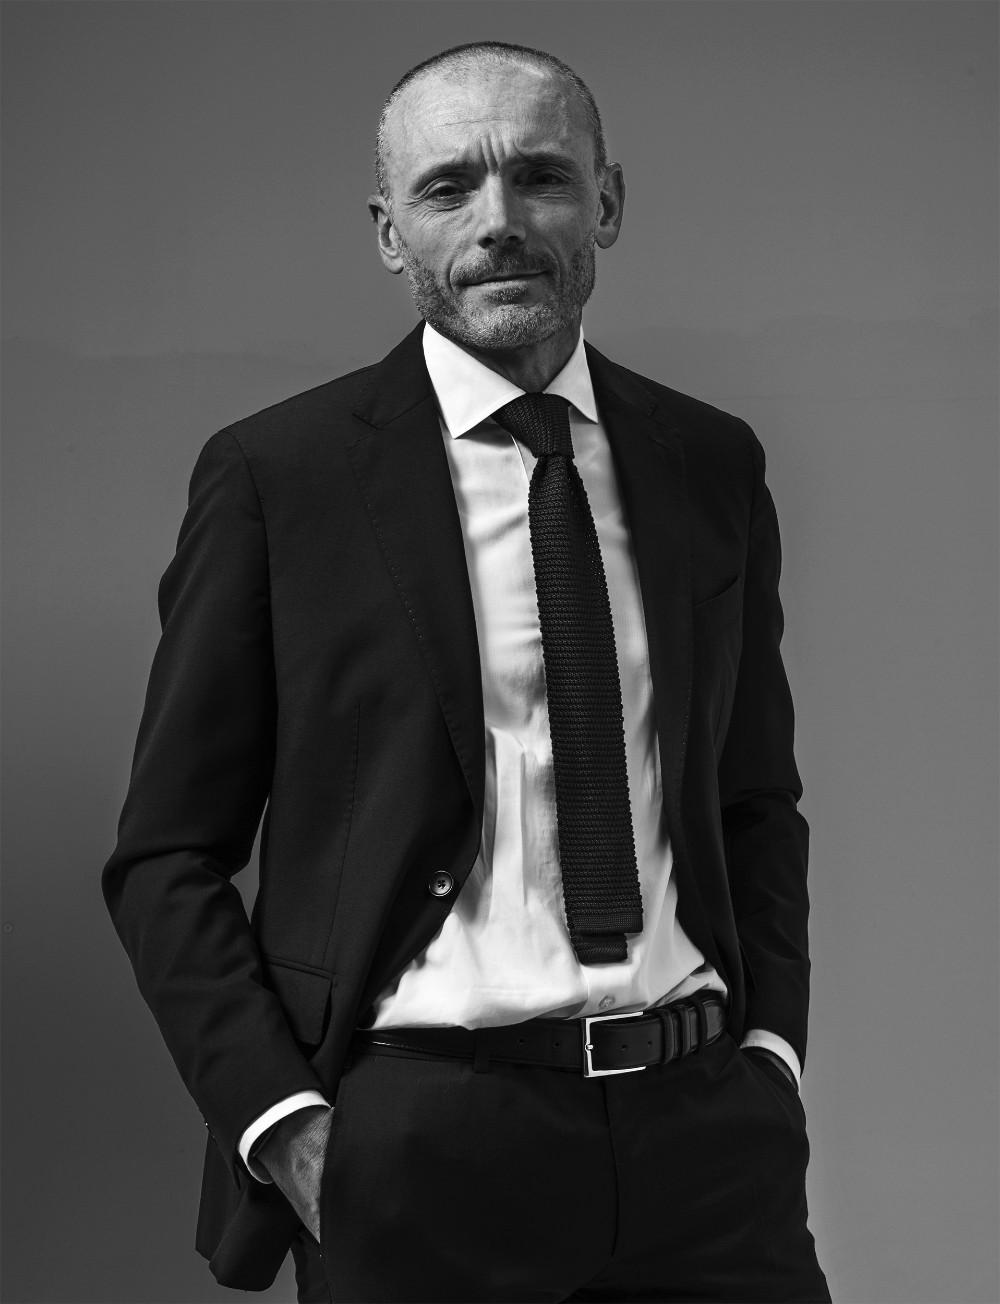 Stefano Rosa Uliana CEO